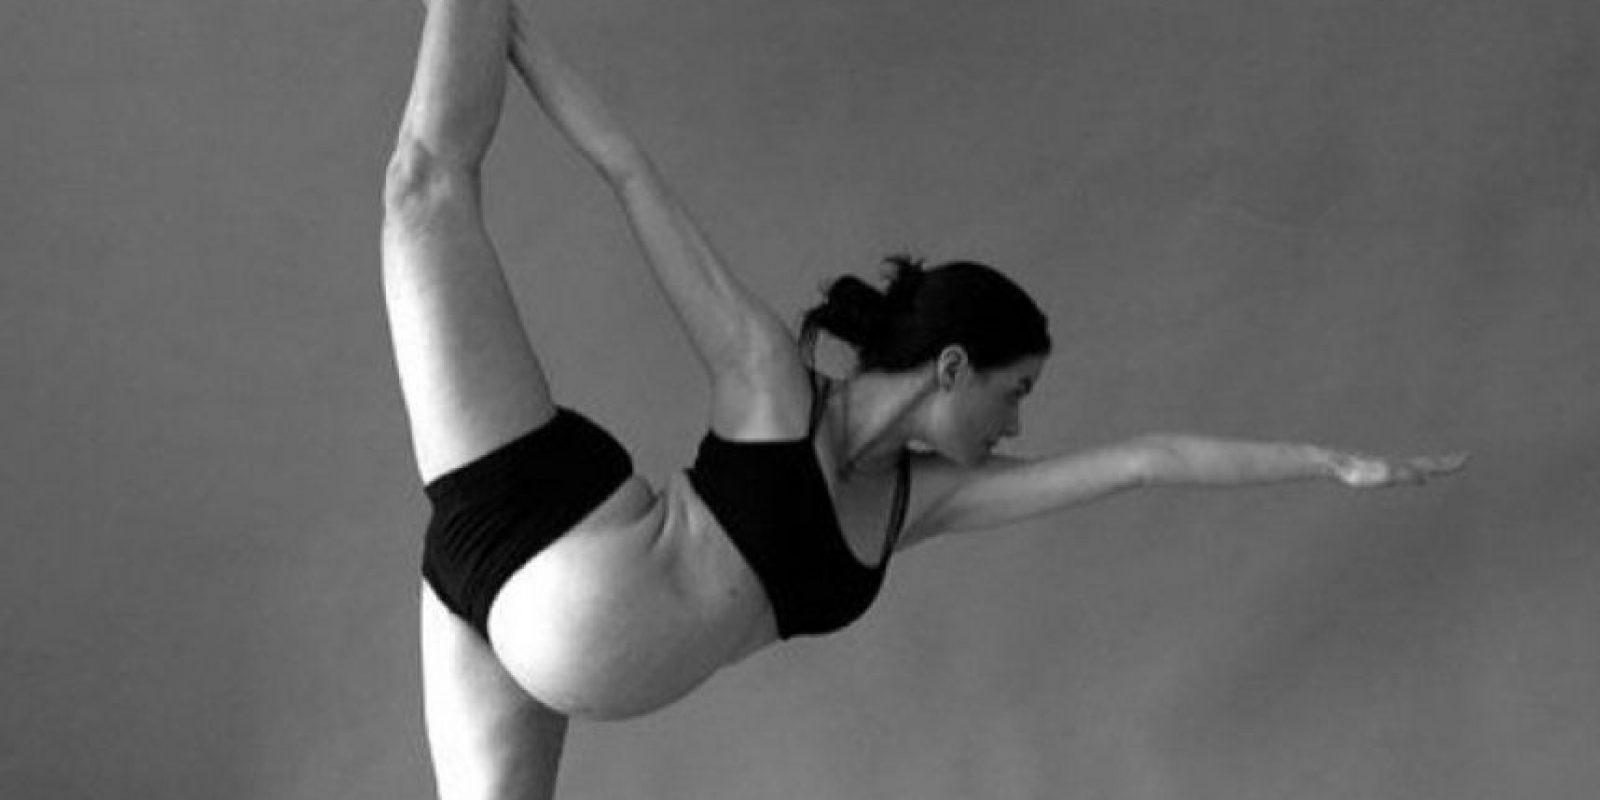 El yoga postparto fomenta la relajación. Sobre todo, en los momentos en las que las necesidades del bebé roban varias horas del sueño a la madre. Foto:Vía instagram.com/cakematernity